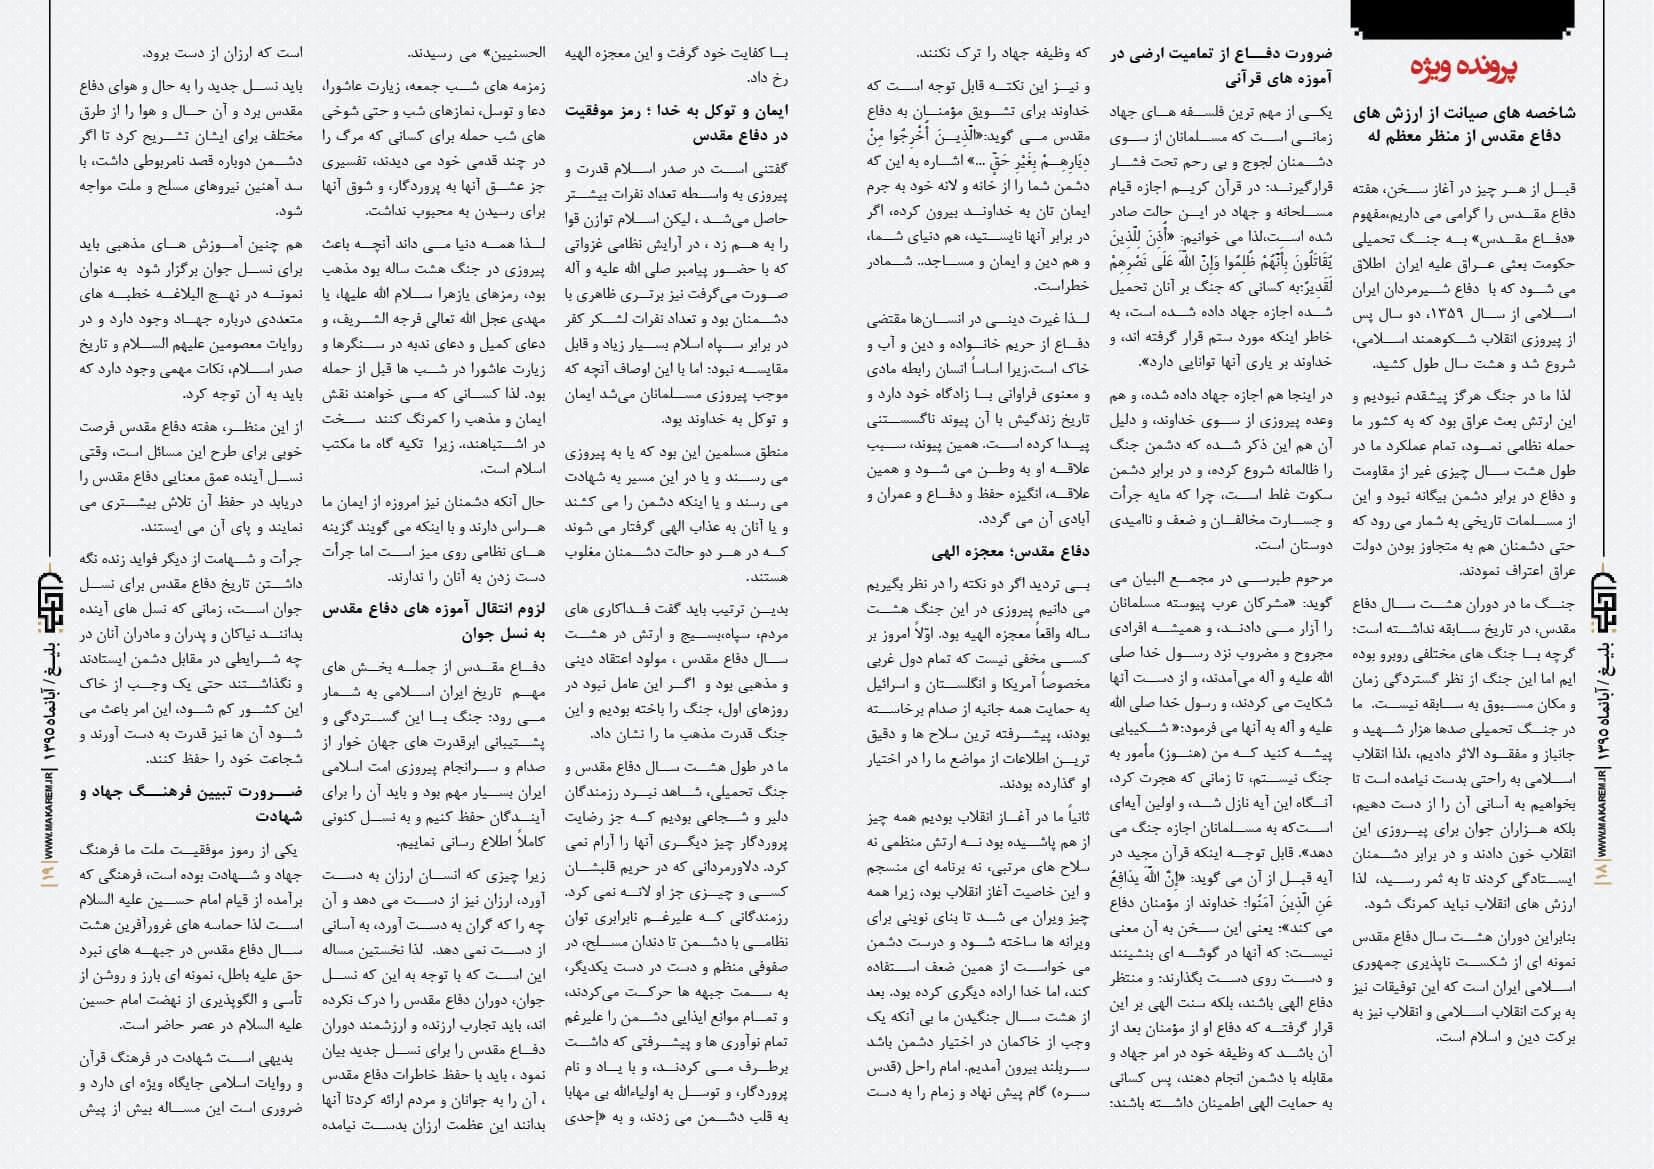 شاخصه های صیانت از ارزش های دفاع مقدس-مدرسه الامام امیر المومنین (ع)